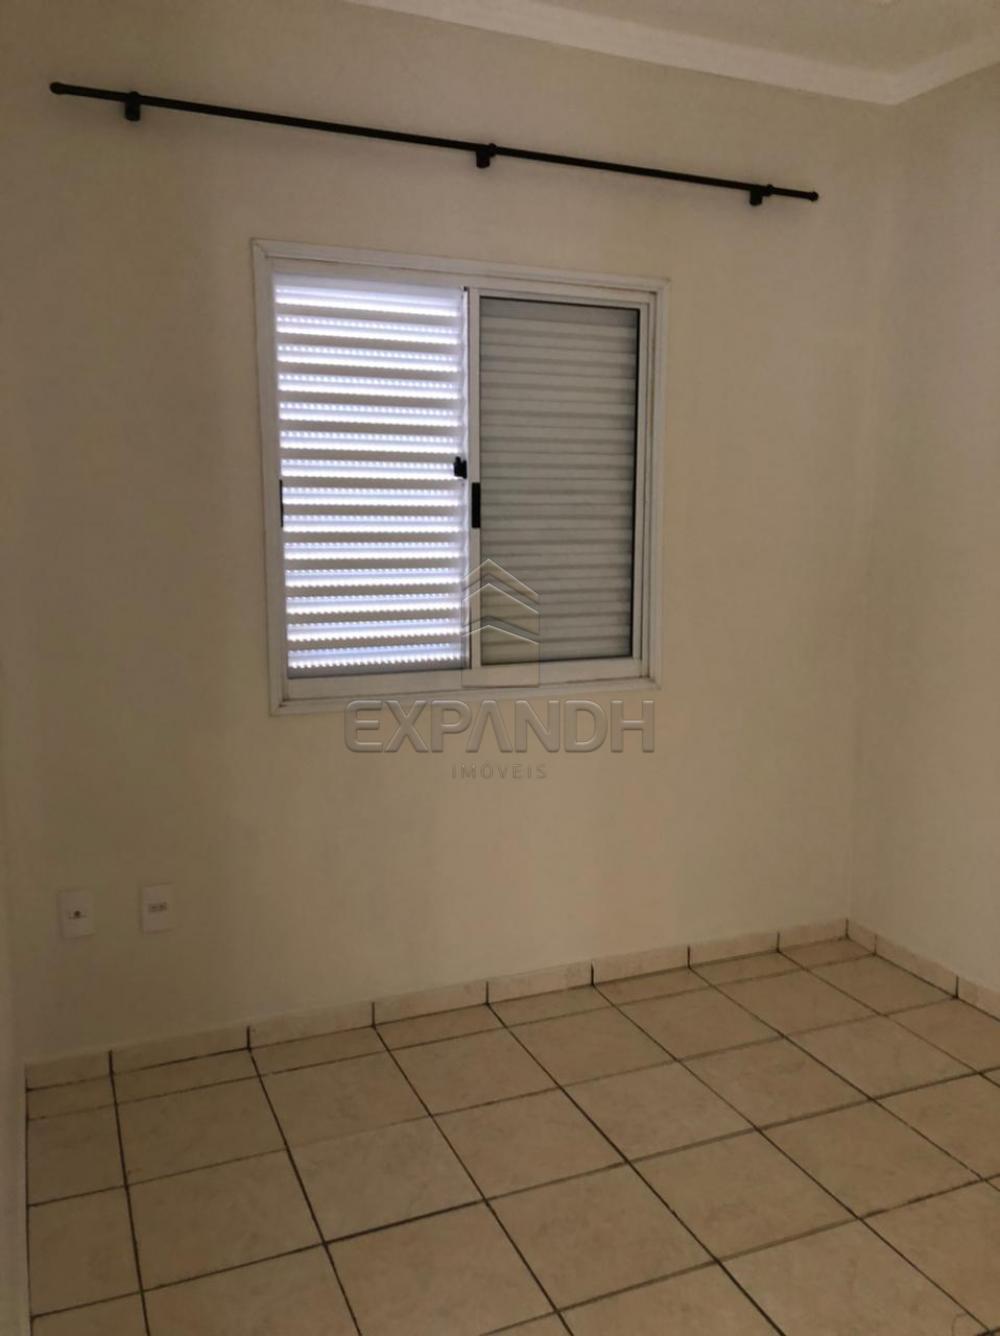 Alugar Apartamentos / Padrão em Sertãozinho R$ 780,00 - Foto 8